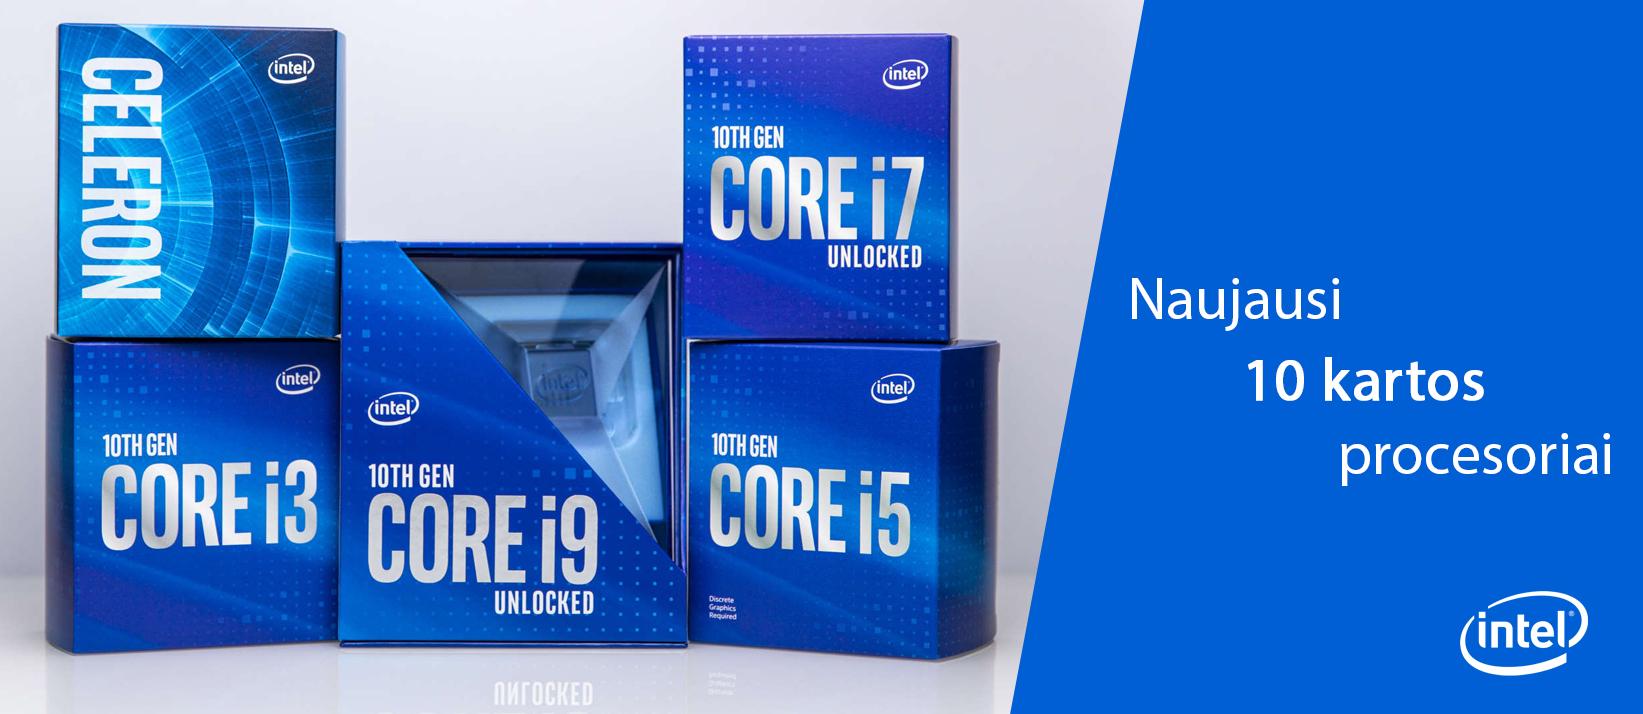 Naujieji 10 kartos Intel® procesoriai